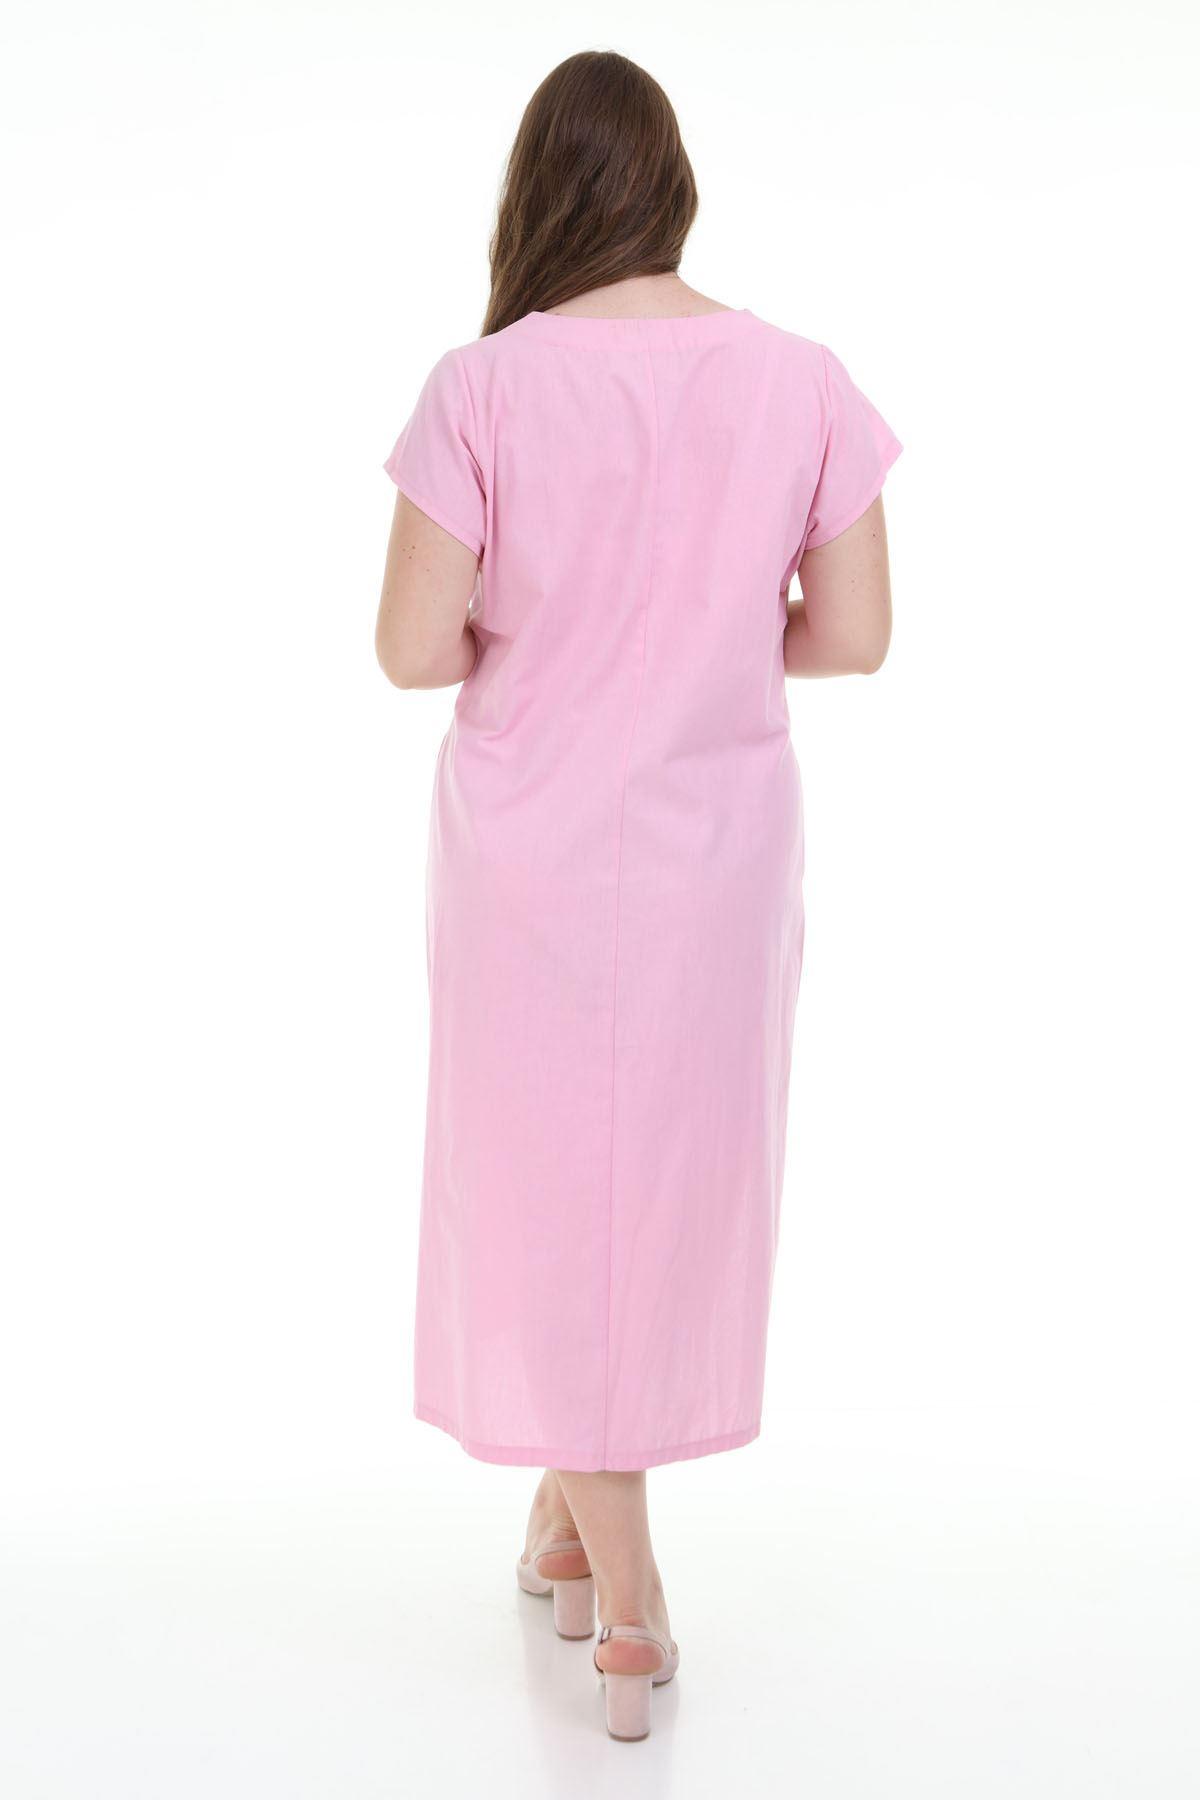 Pembe Baskılı Büyük Beden Elbise F1-1140